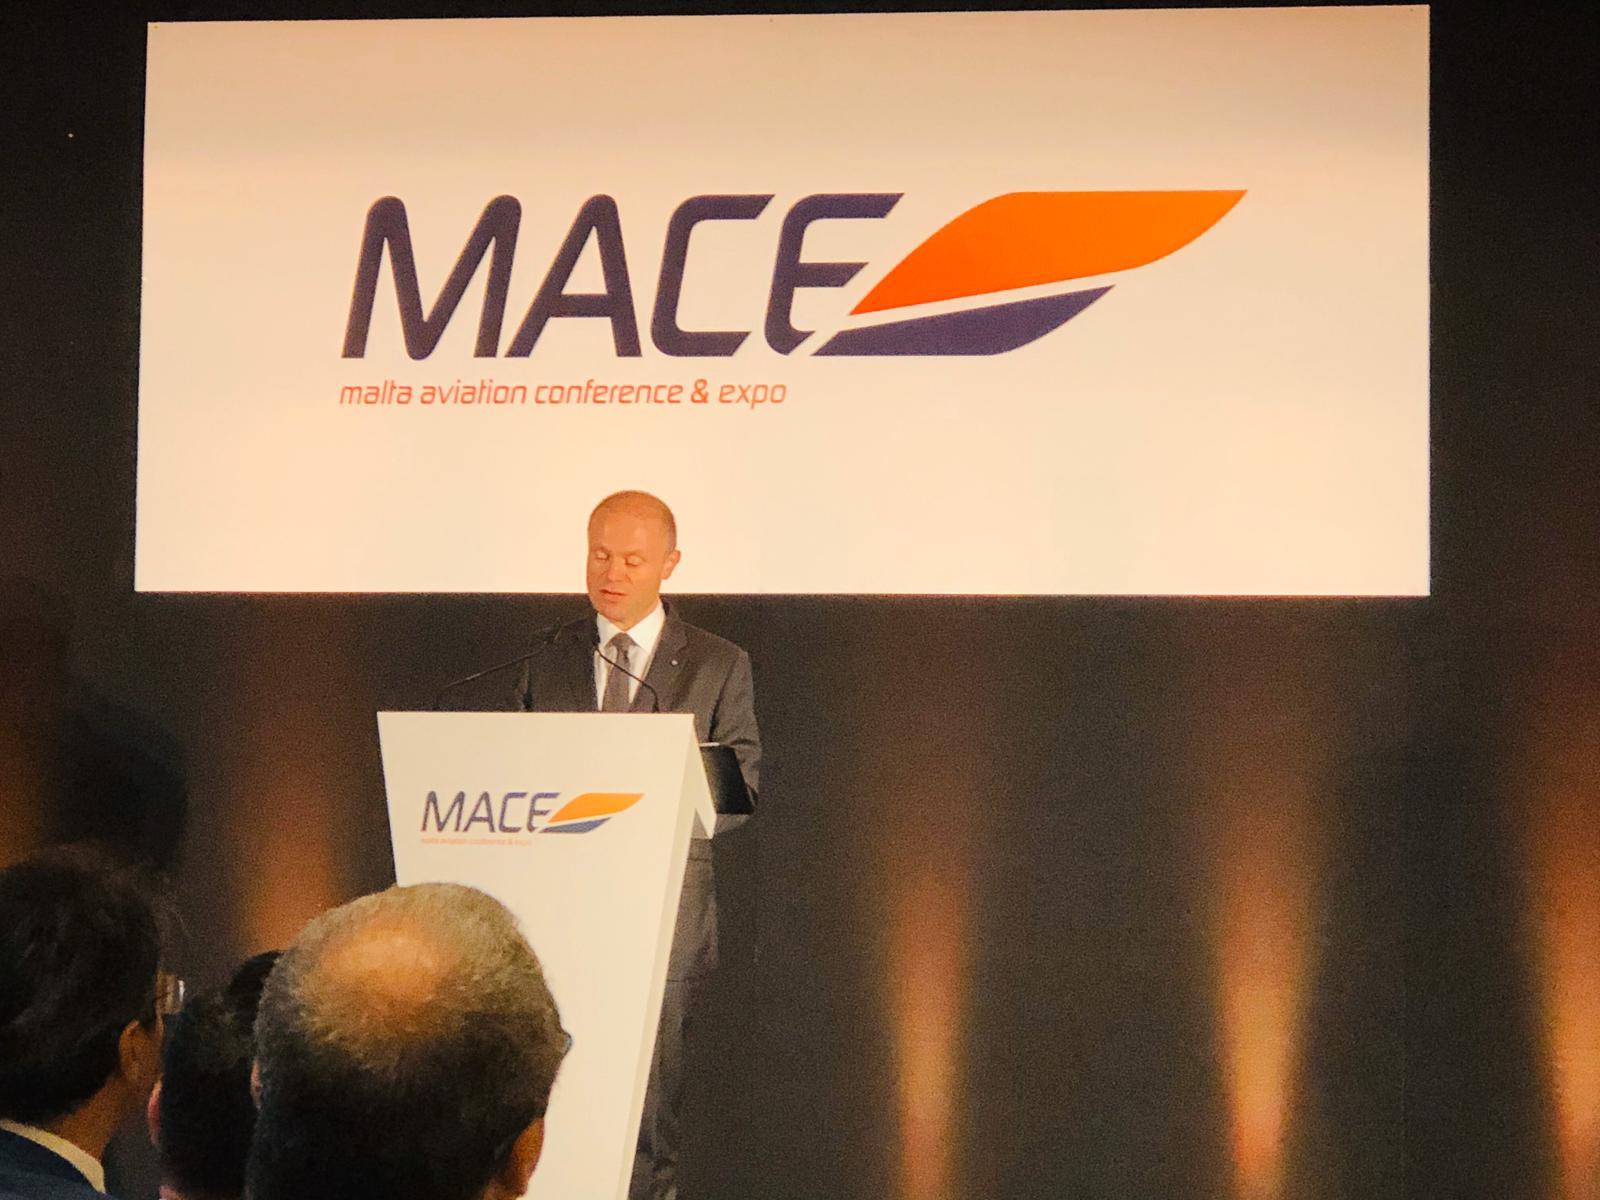 Завершился второй день Malta Aviation Conference and Expo с участием представителя Cofrance Sarl